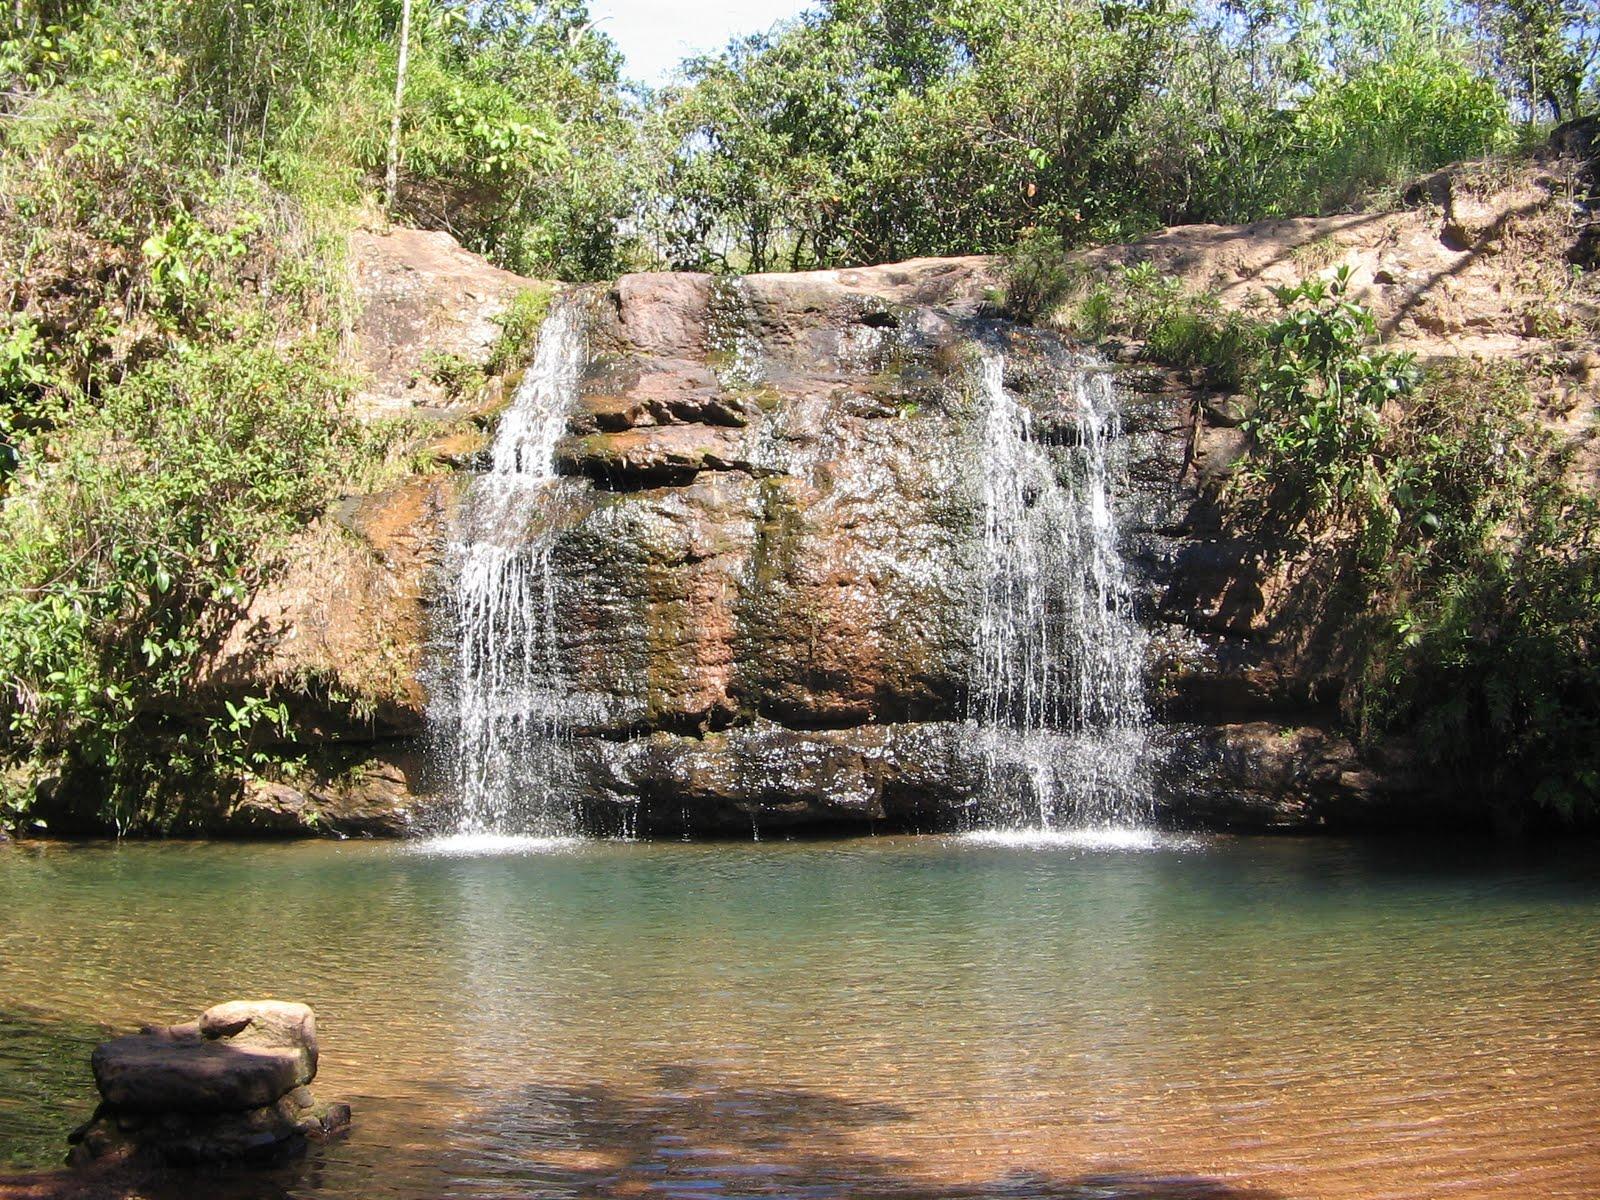 Uma das refrescantes cachoeiras do parque - Crédito da foto: JJViagens